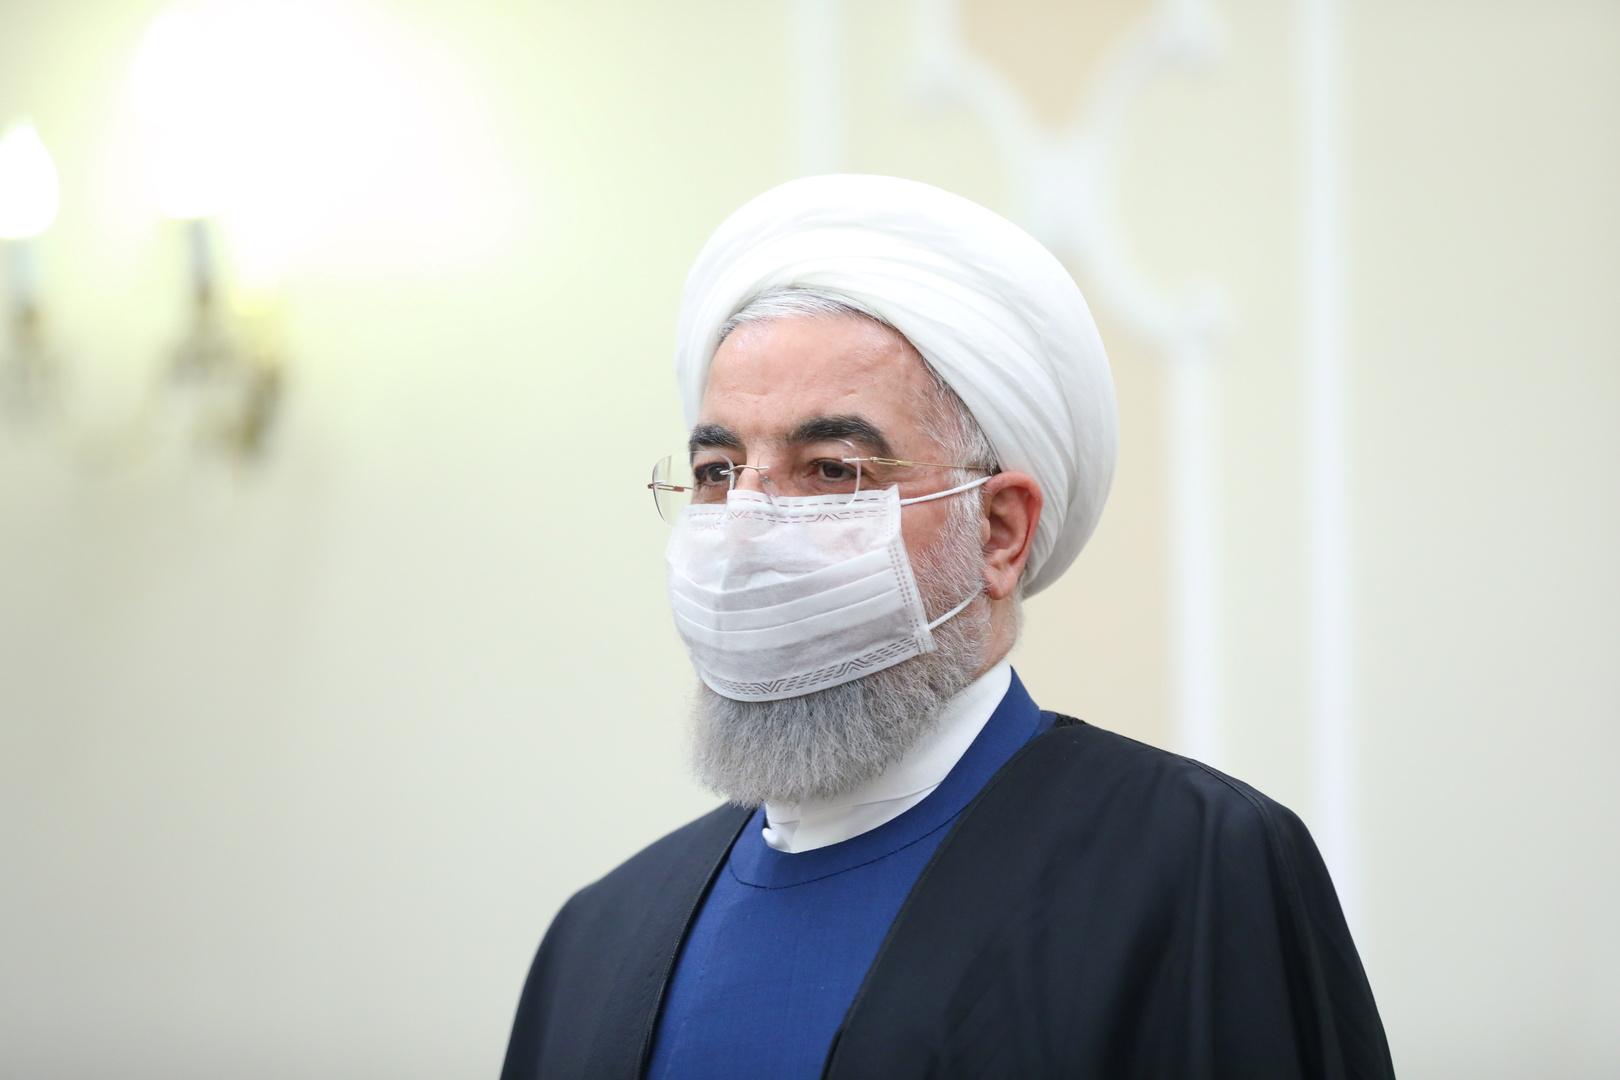 روحاني: تم الاتفاق على رفع كافة العقوبات تقريبا عن طهران